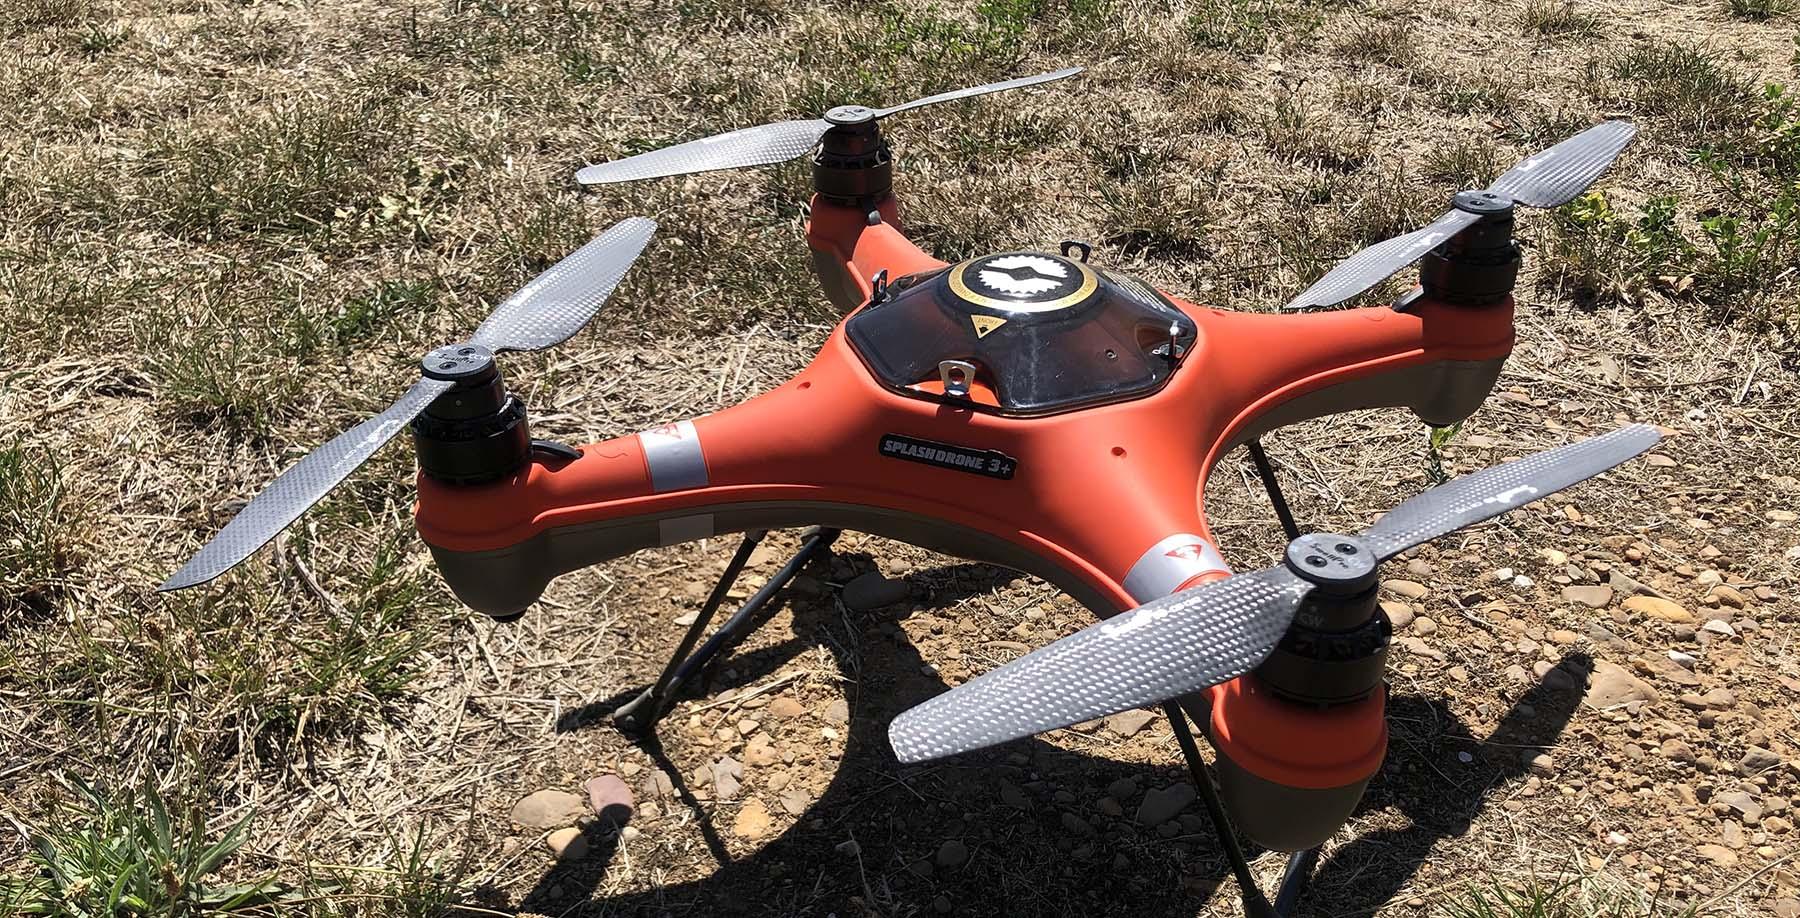 dron Splashdrone 3 + en el campo